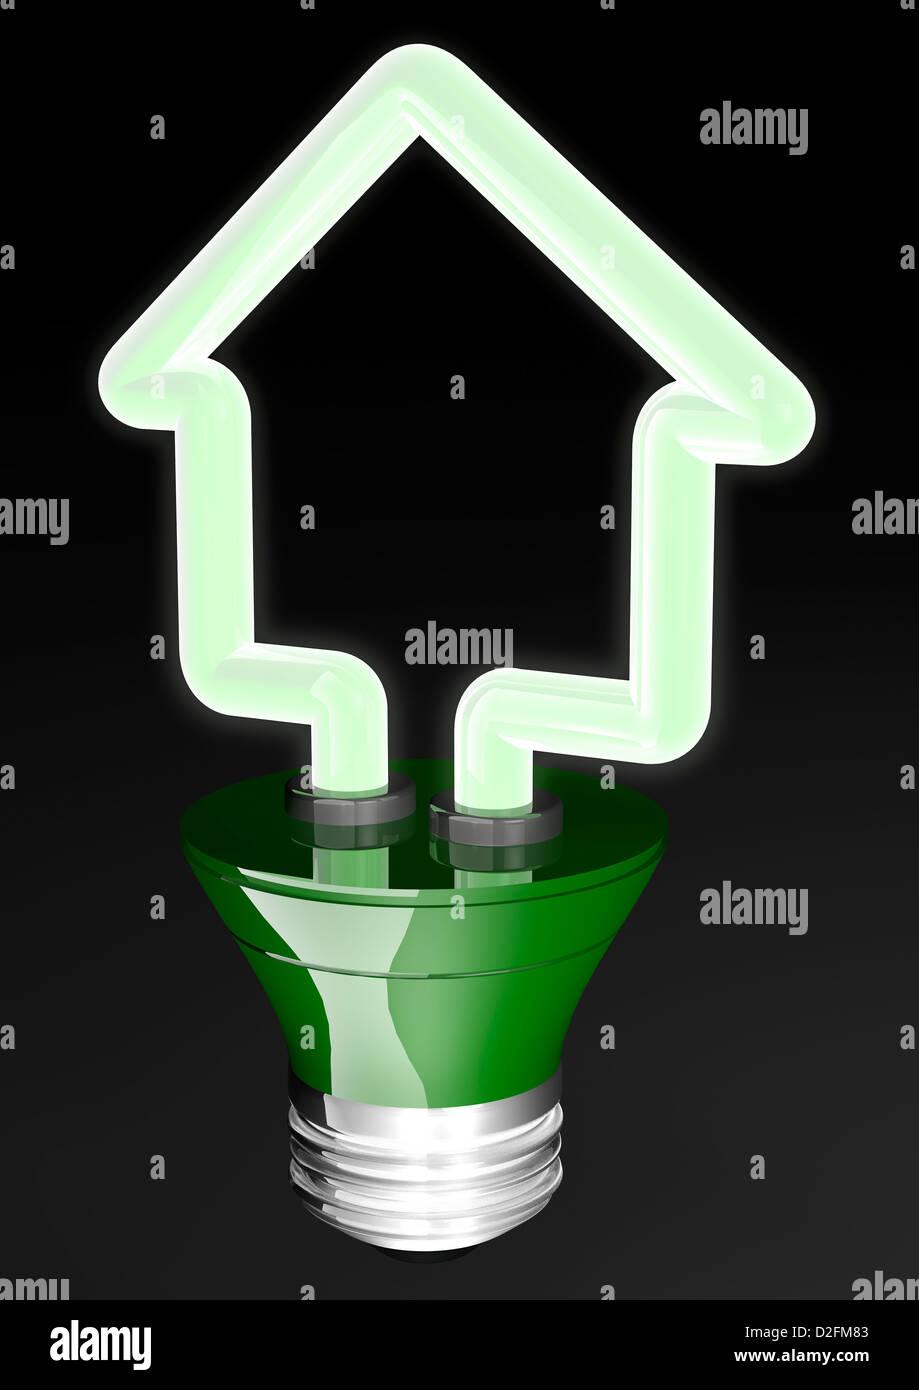 Les économies d'énergie ampoule verte en forme de maison - l'efficacité énergétique Photo Stock